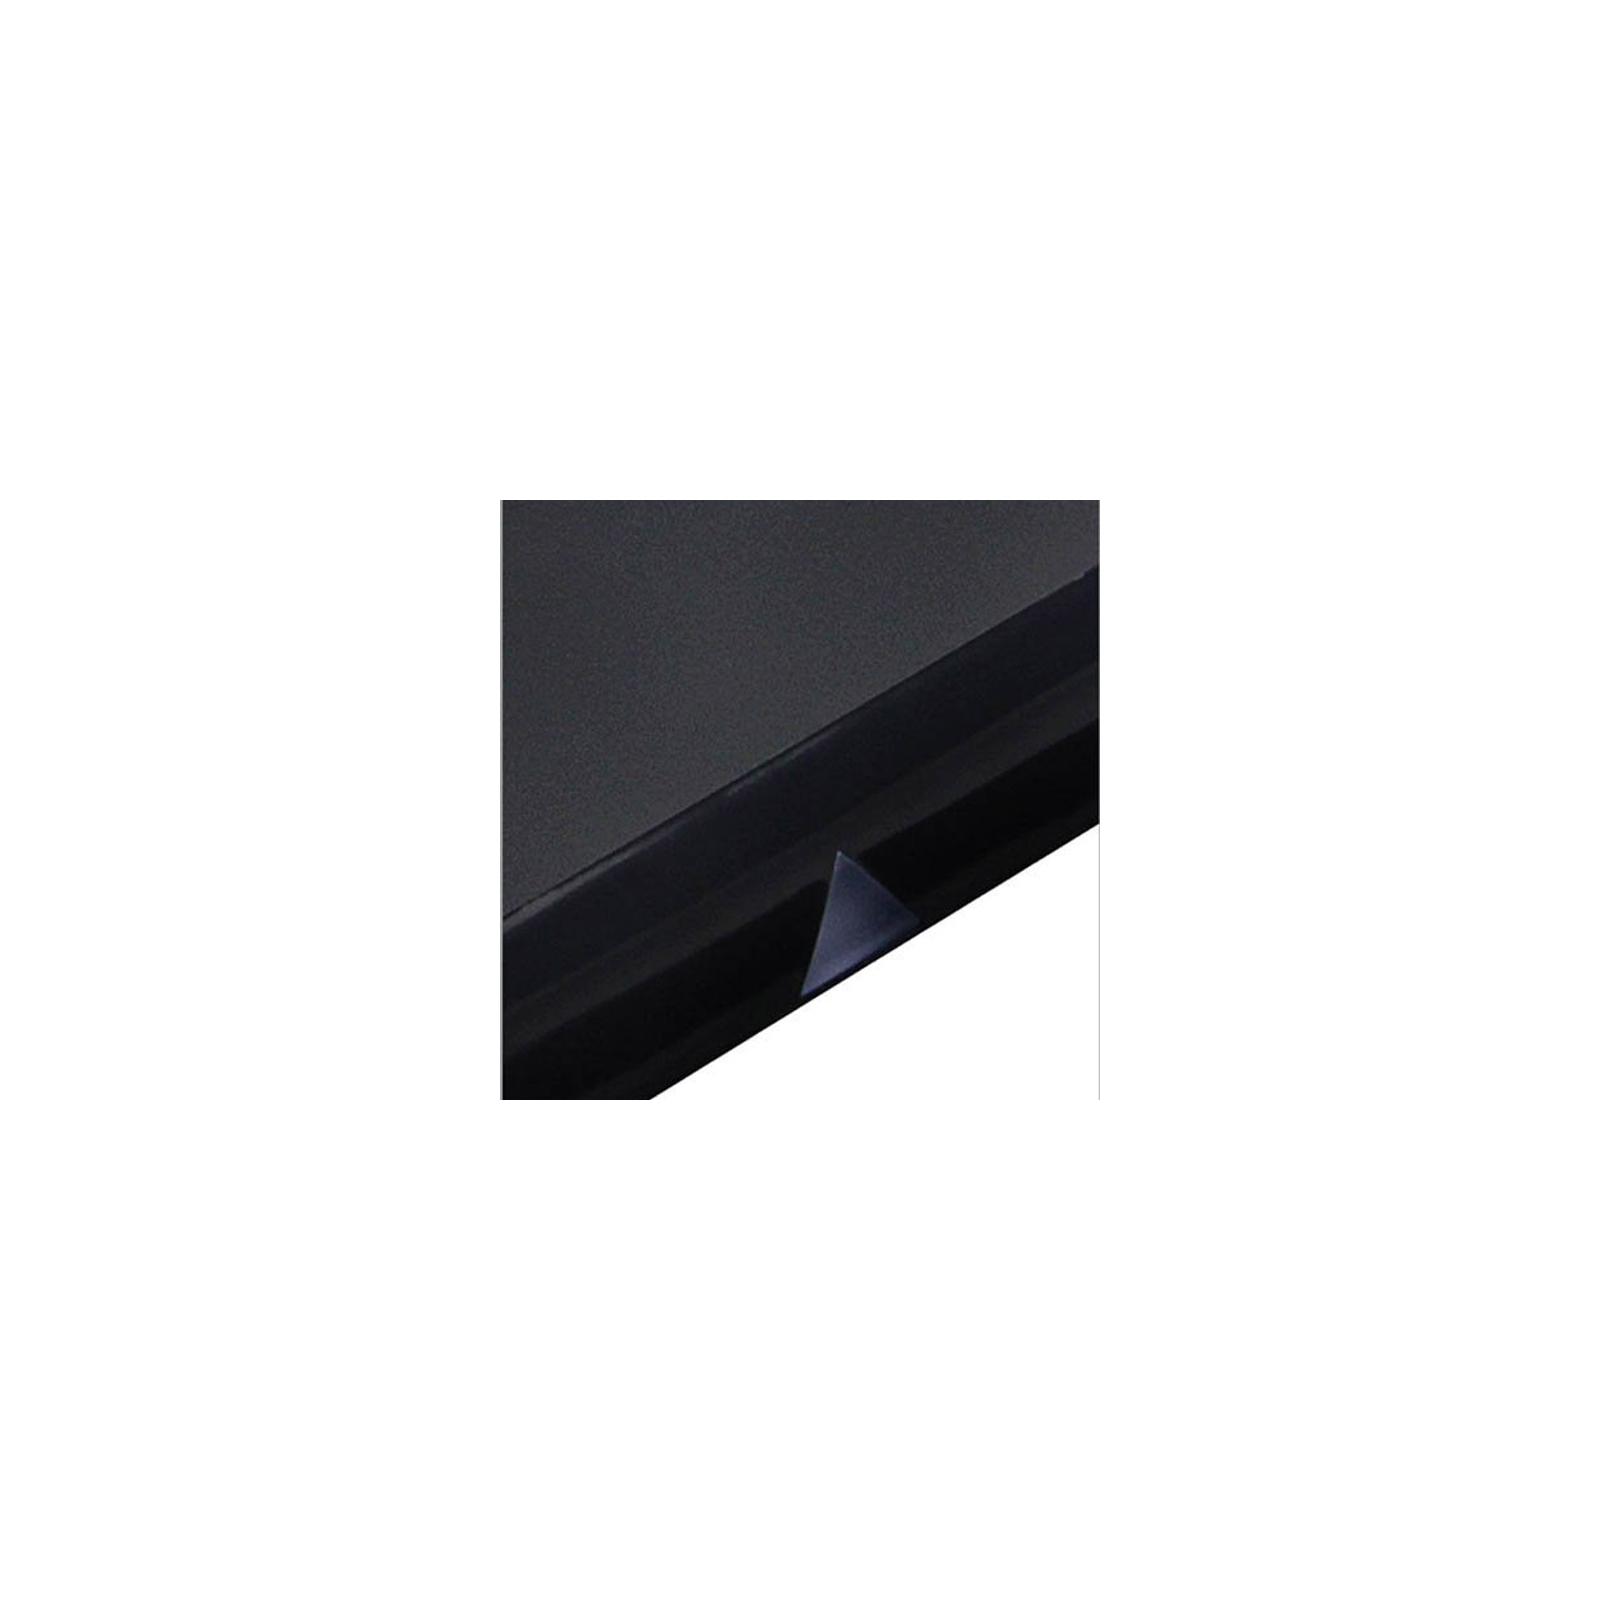 Медиаплеер Alfacore Smart TV M8 изображение 7